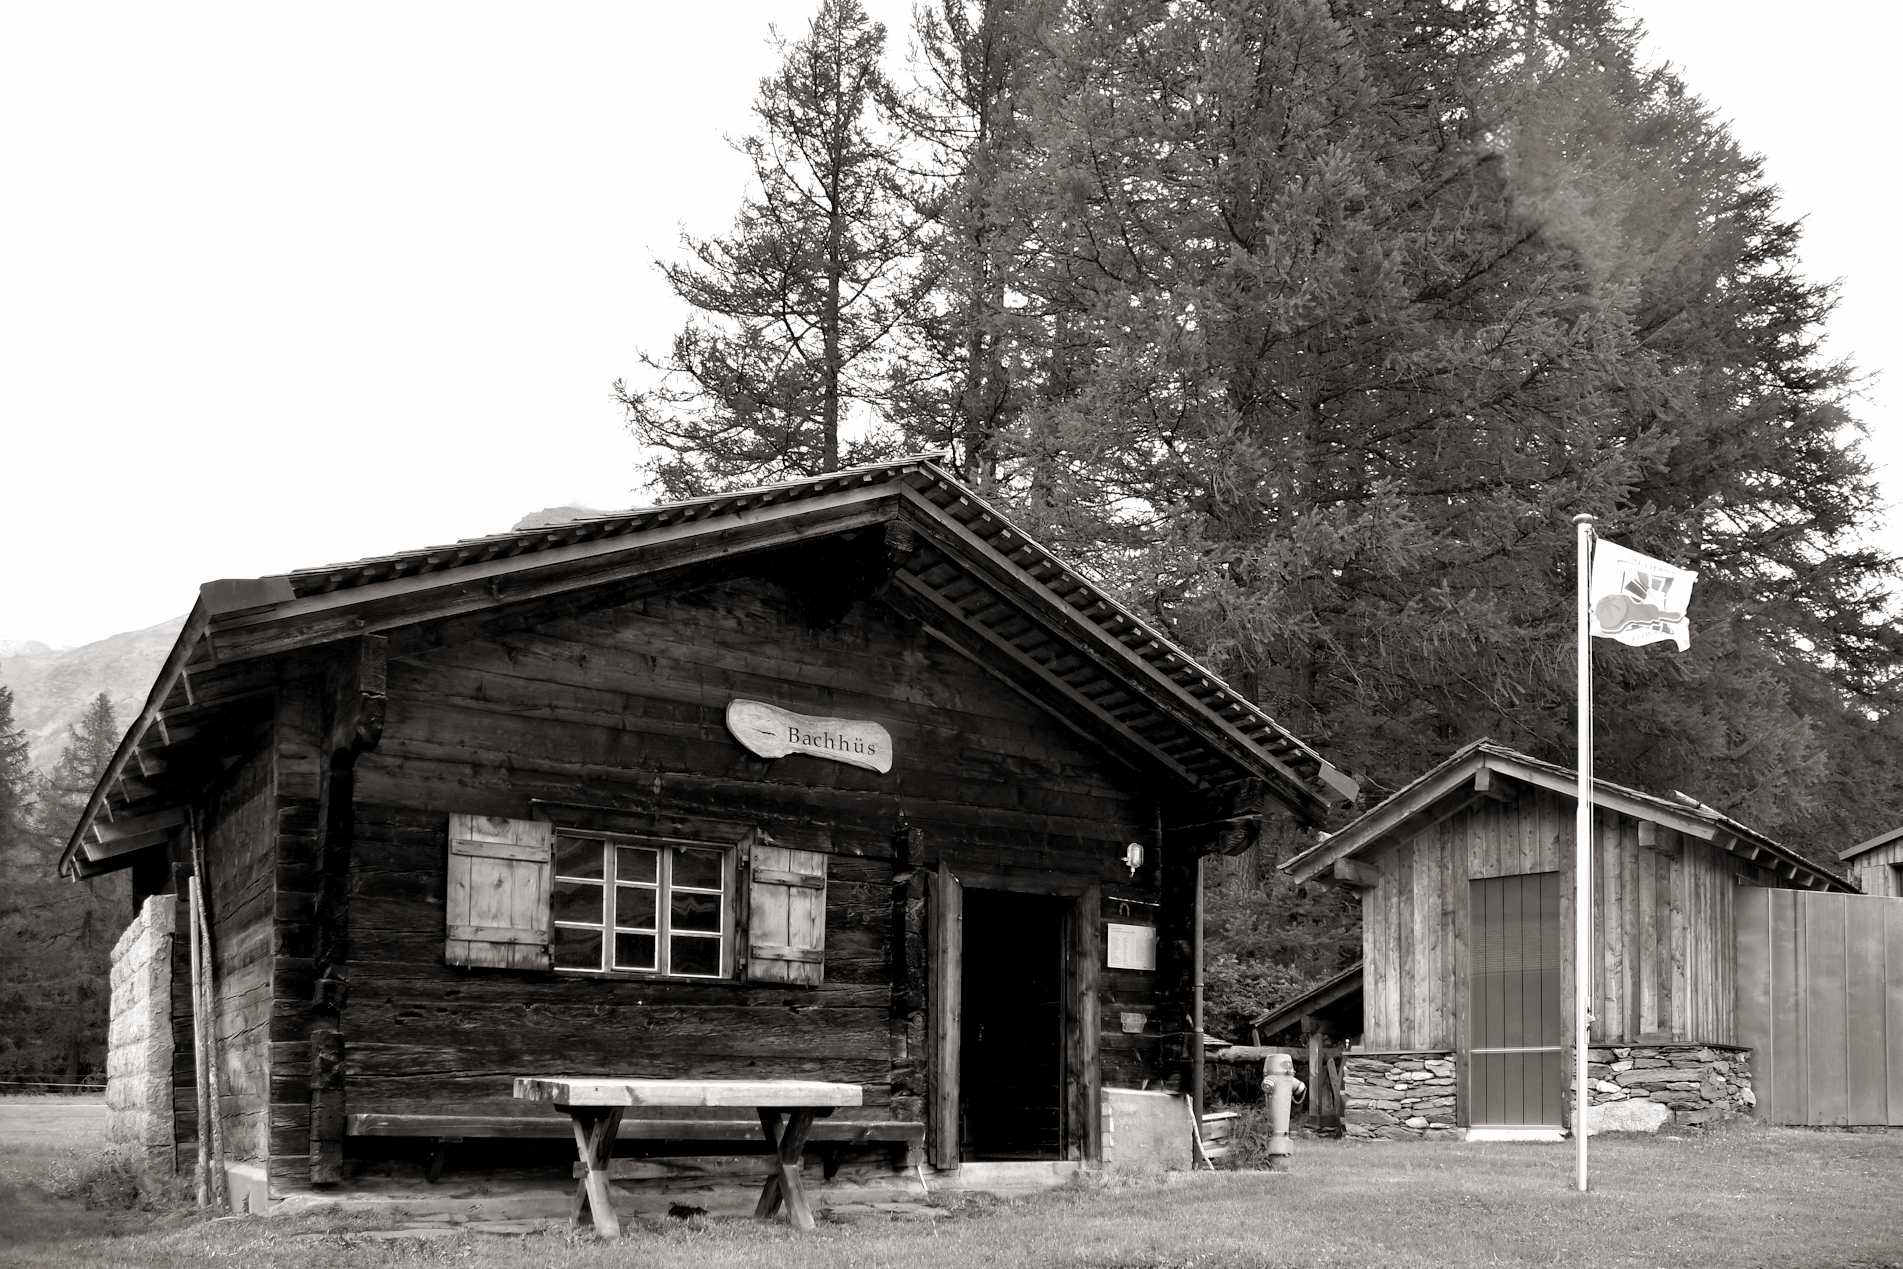 Bachhüs Oberwald